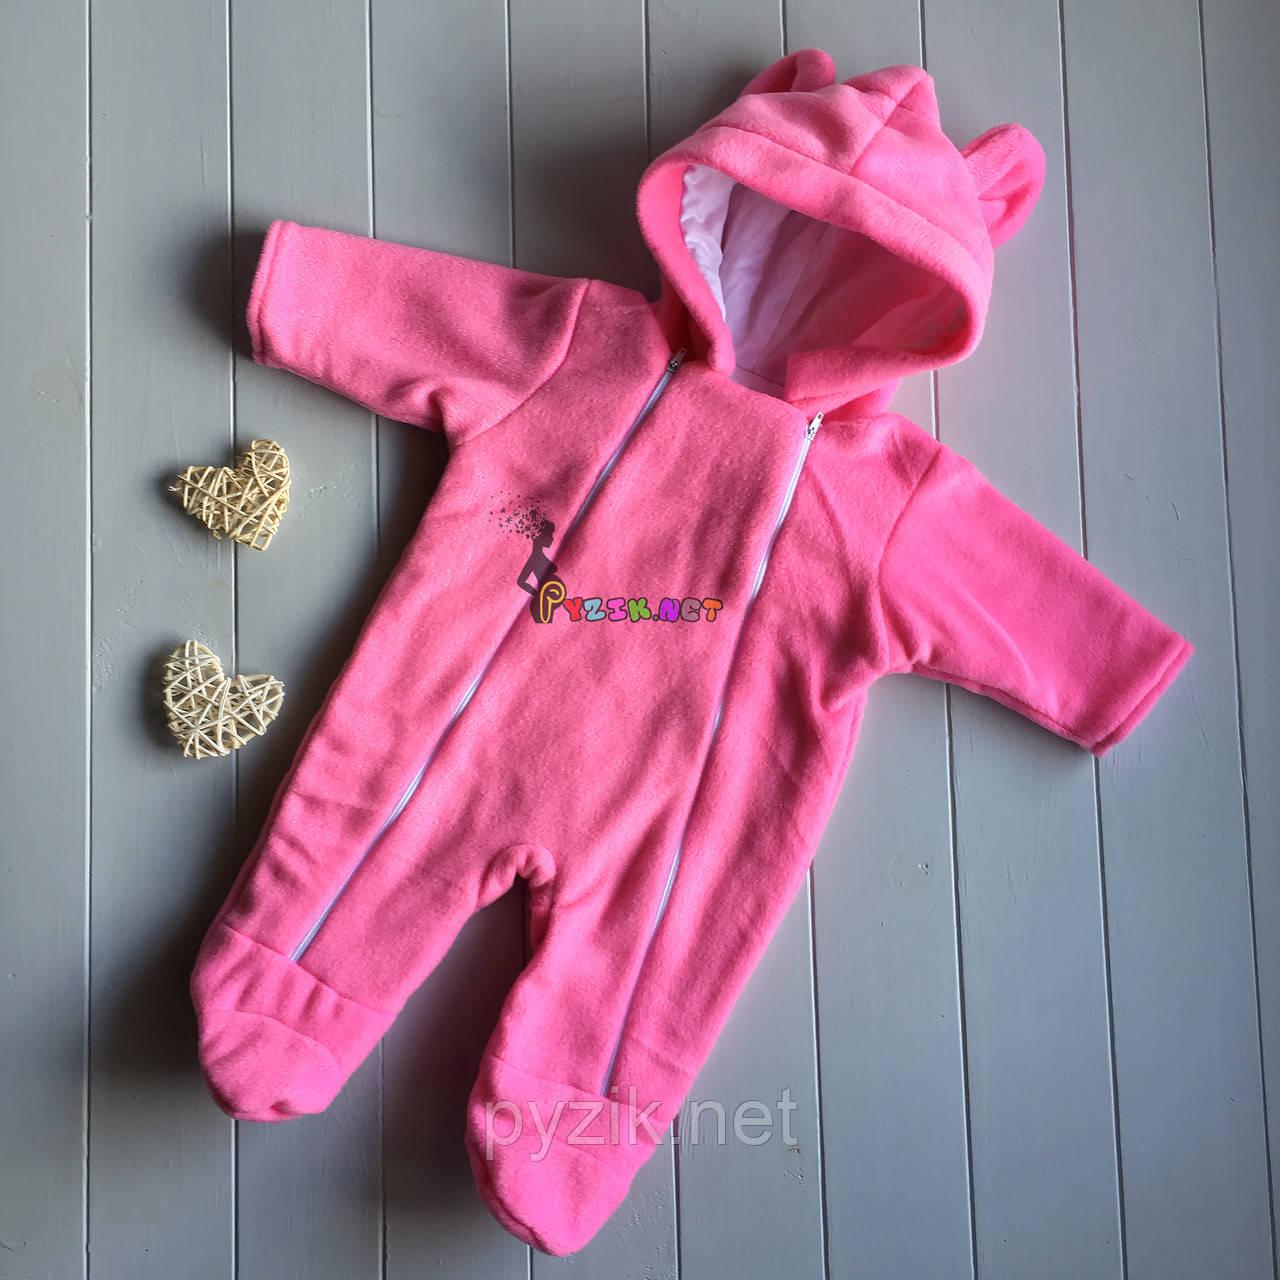 Комбинезон флисовый с капюшоном и ушками 62 размер (на 3 месяца), розовый